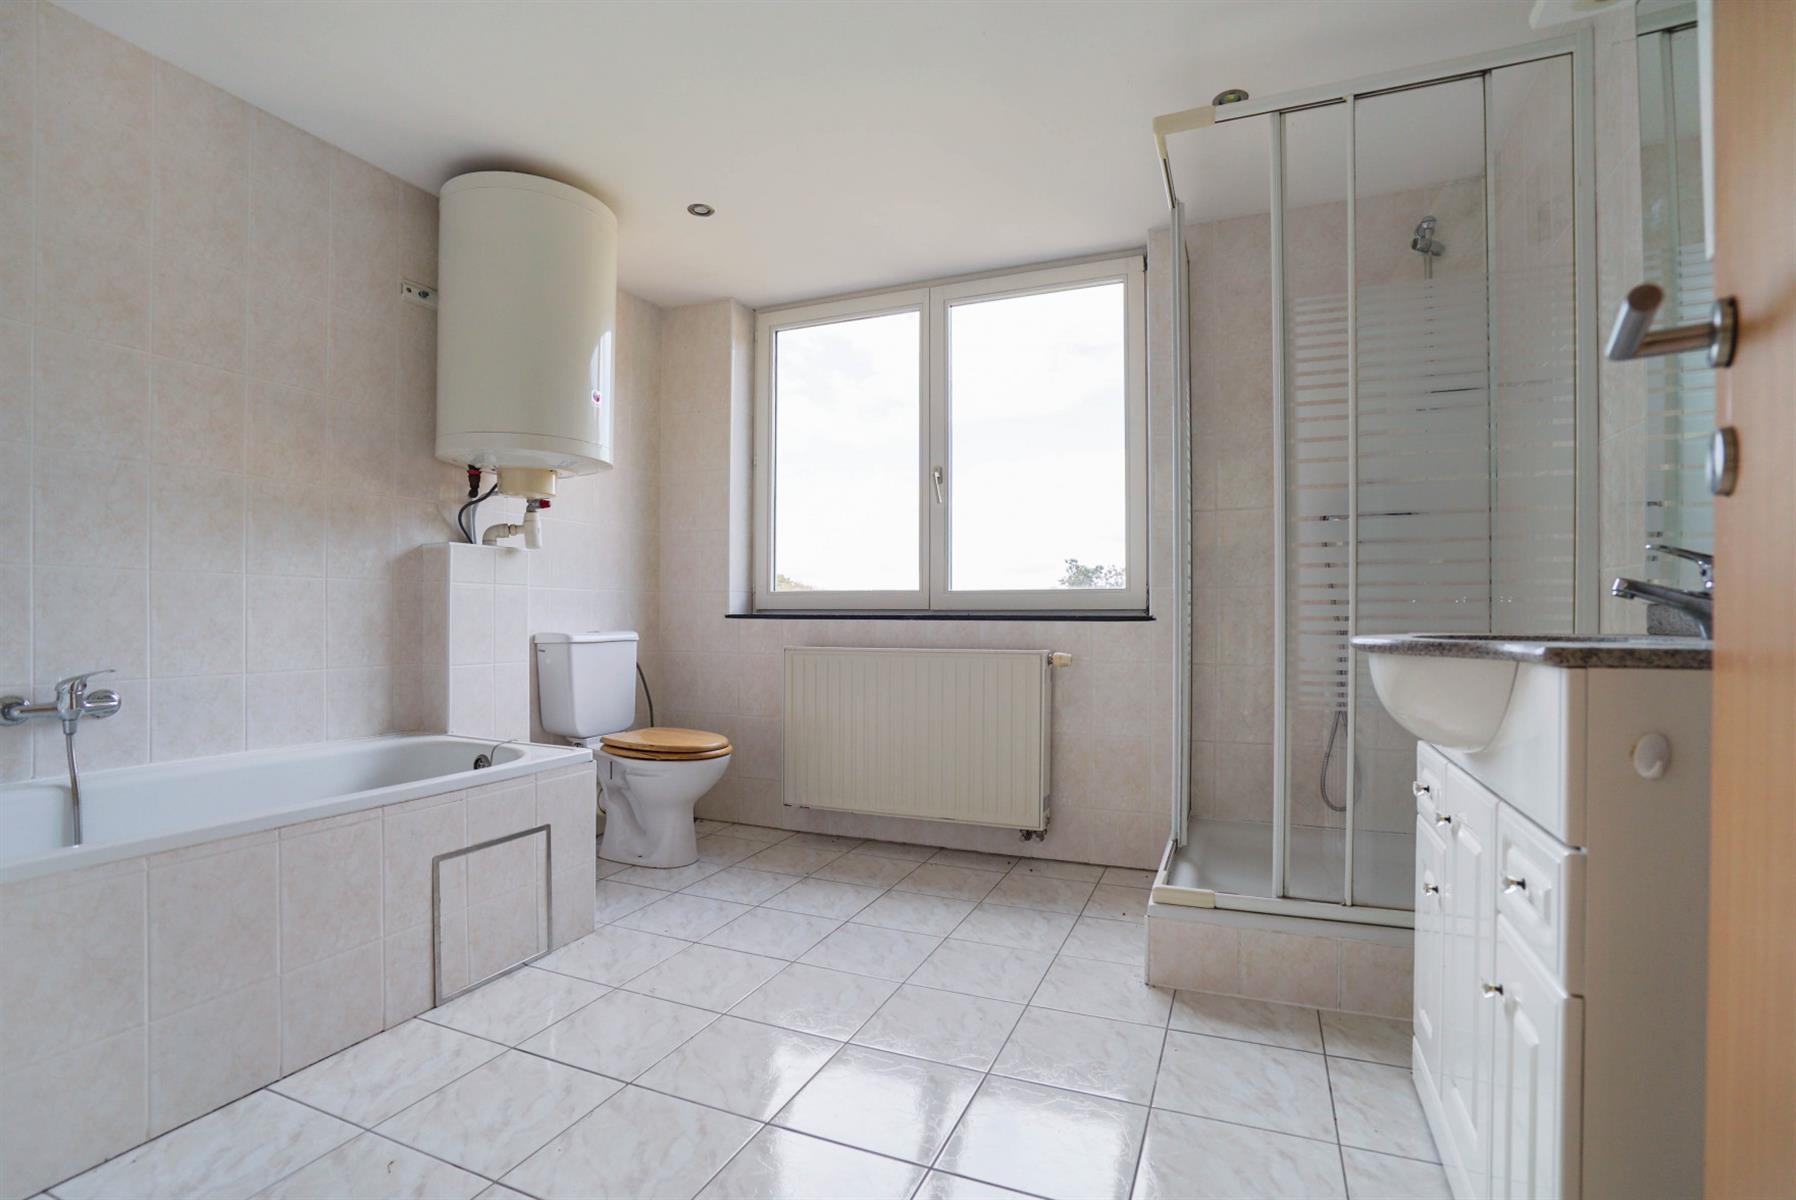 Duplex - Chaudfontaine Vaux-sous-Chèvremont - #4141991-6